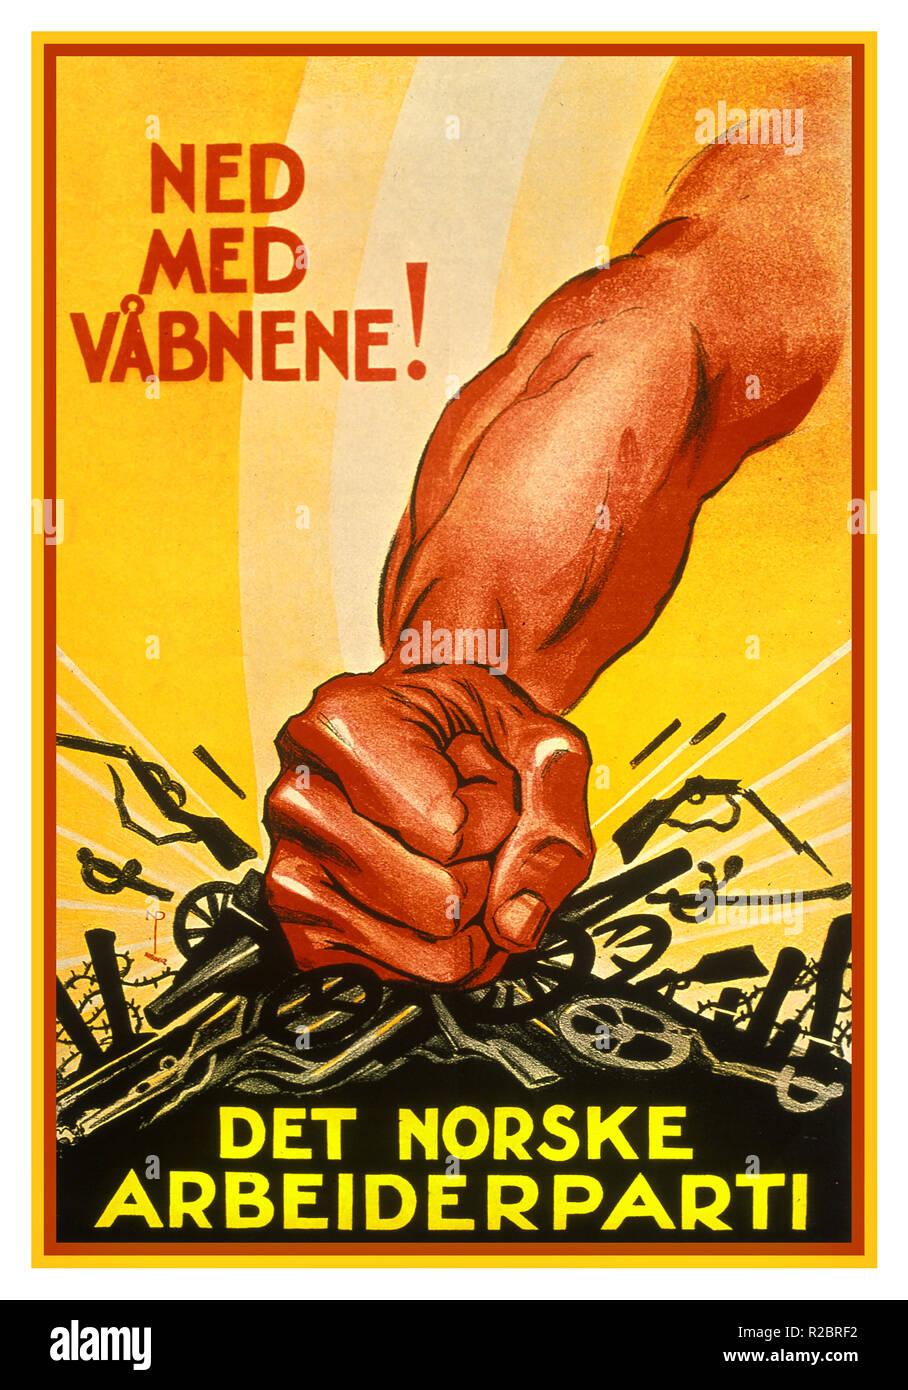 Vintage norvegese poster di propaganda degli anni trenta 'Dproprio con bracci' (NED MED VABNENE!) Det Norske Arbeiderparti 'Il norvegese del partito laburista' Immagini Stock